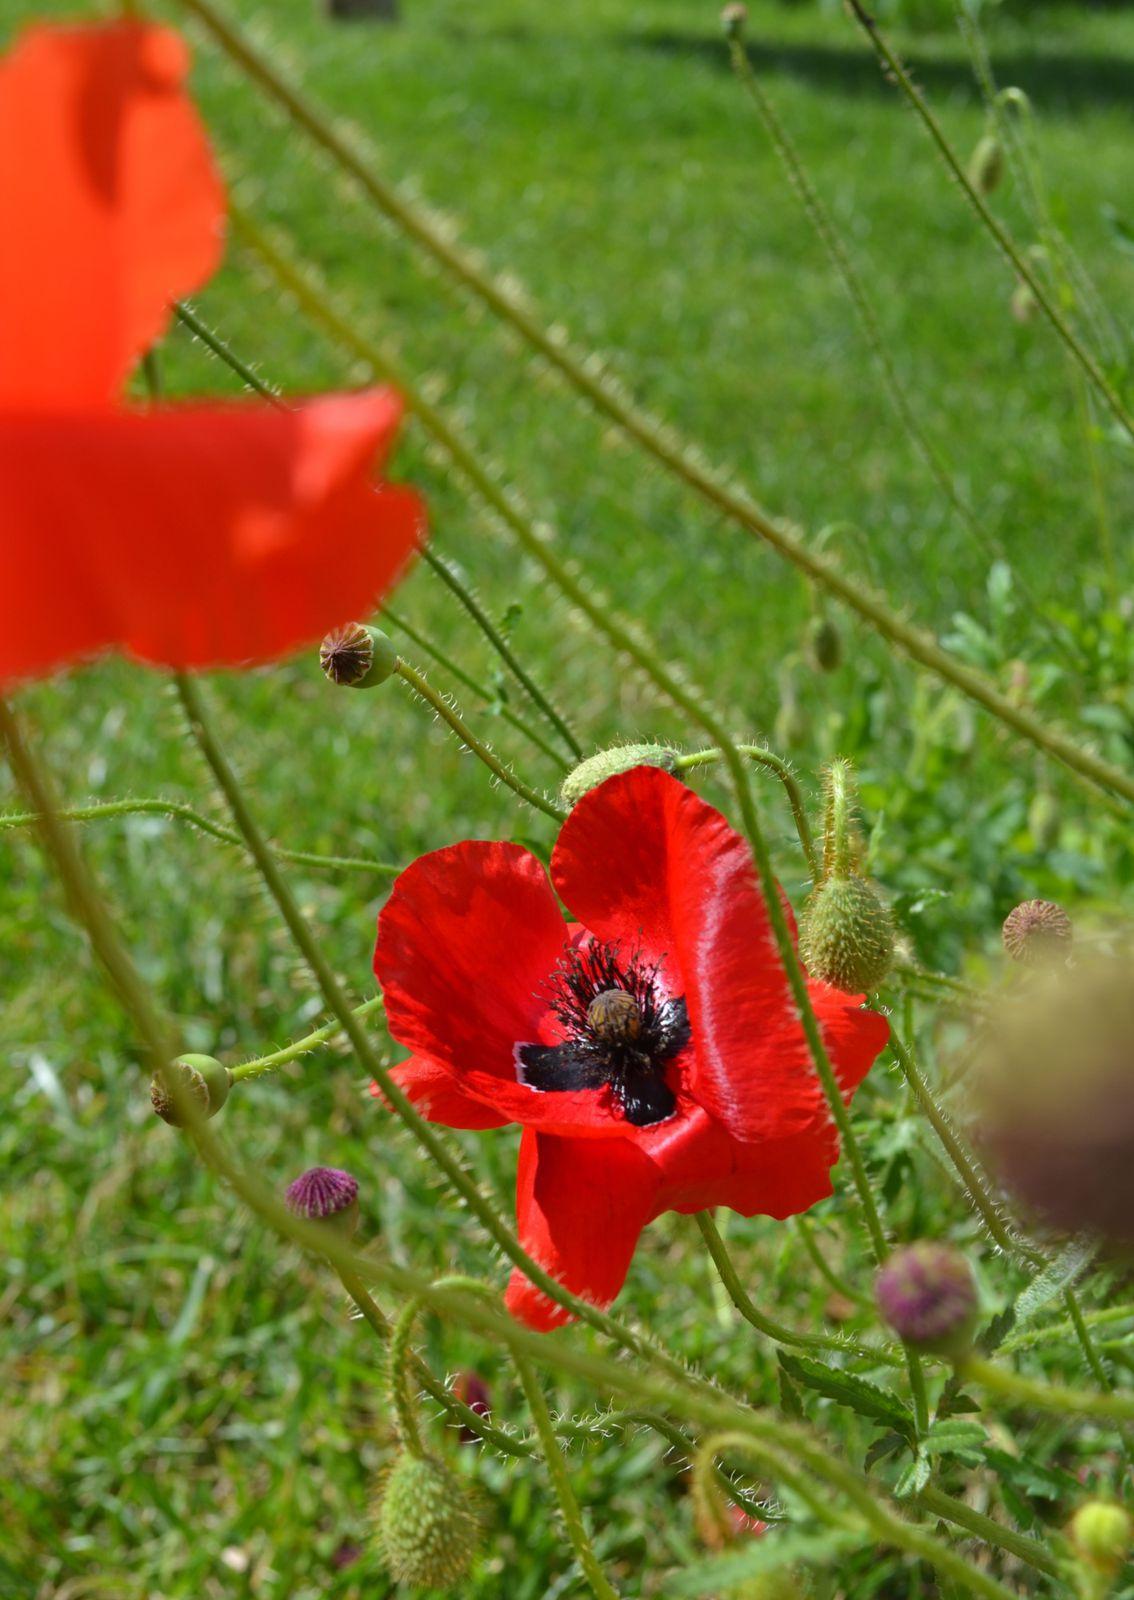 Dans le jardin de ma mère, Oui j' y ai même vu un magnifique pivert.